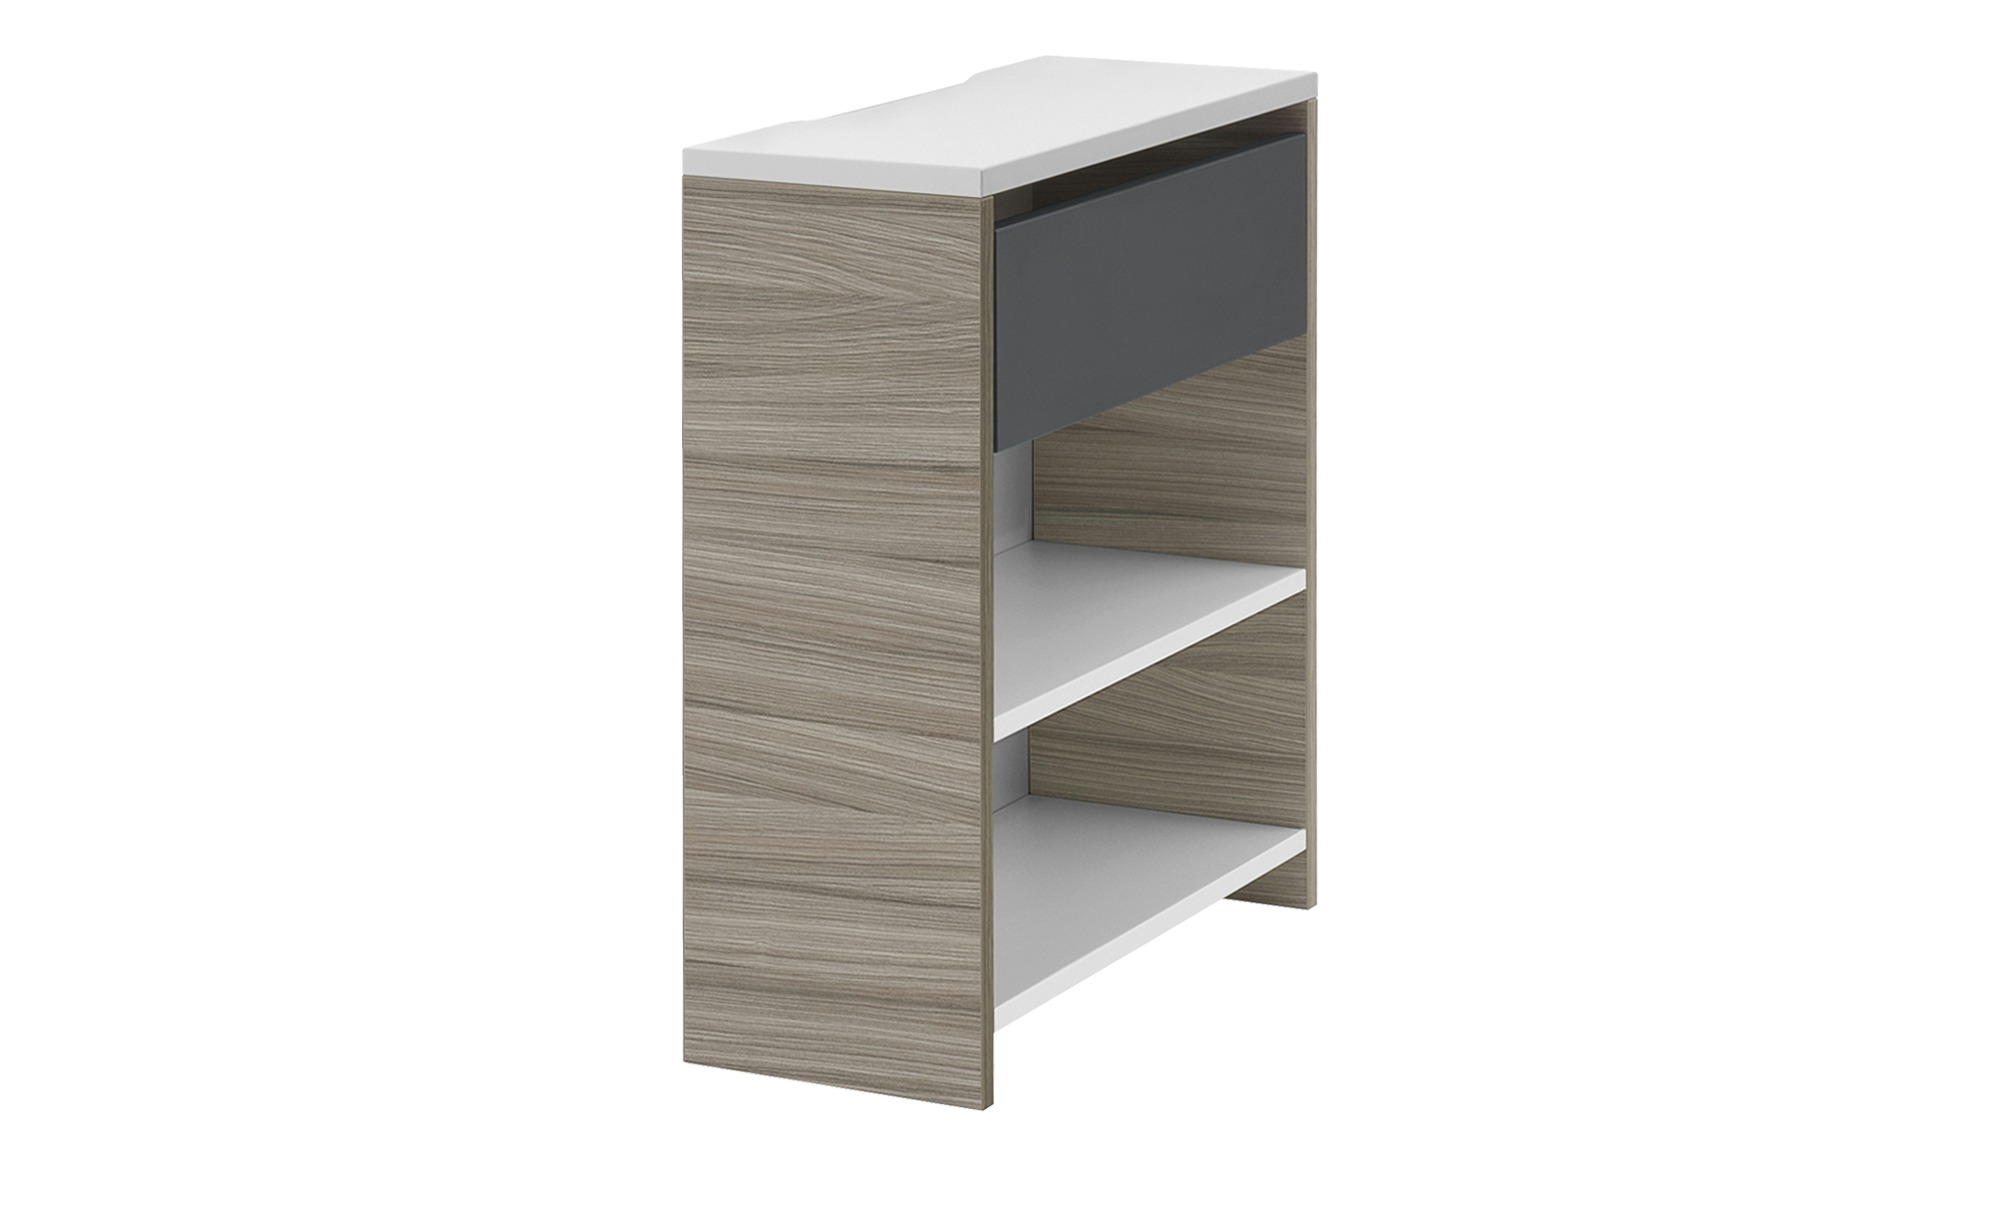 Schreibtisch anbauregal holly breite 25 cm h he 72 cm for Schreibtisch breite 90 cm